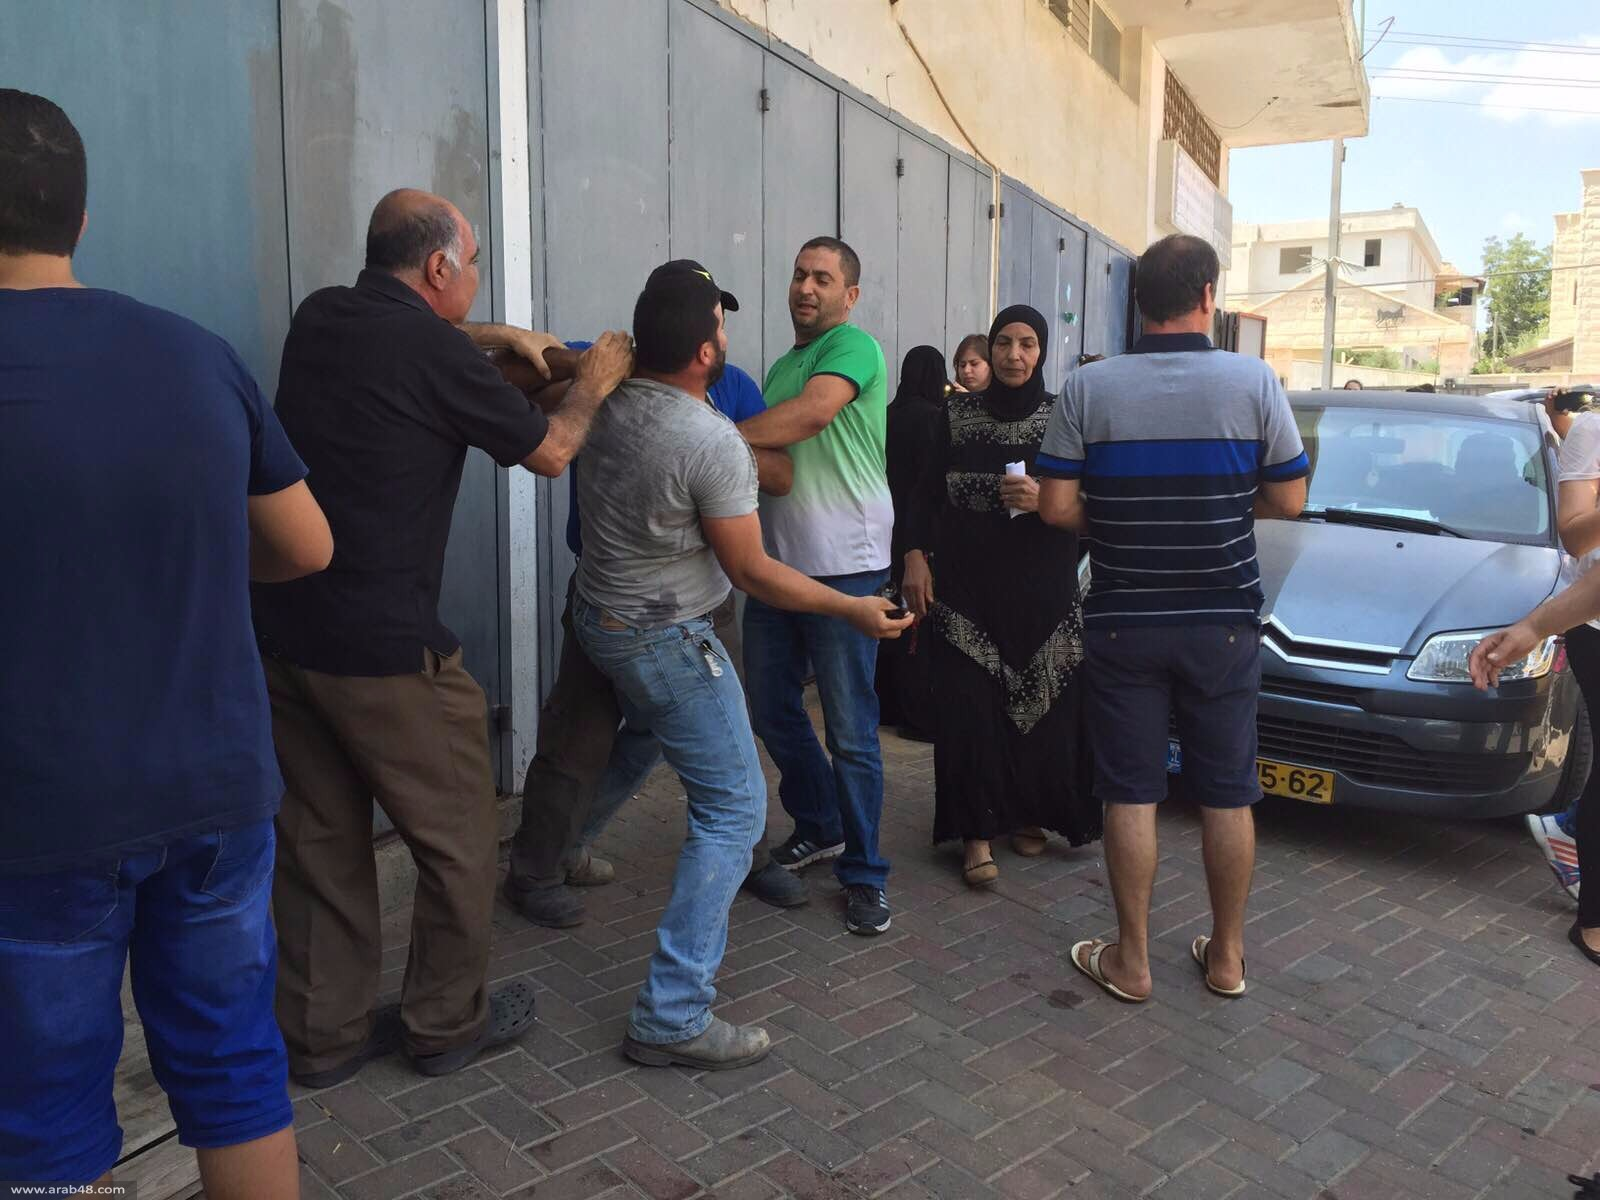 الطيرة: الشرطة تصيب 4 بجروح وتعتقل 3